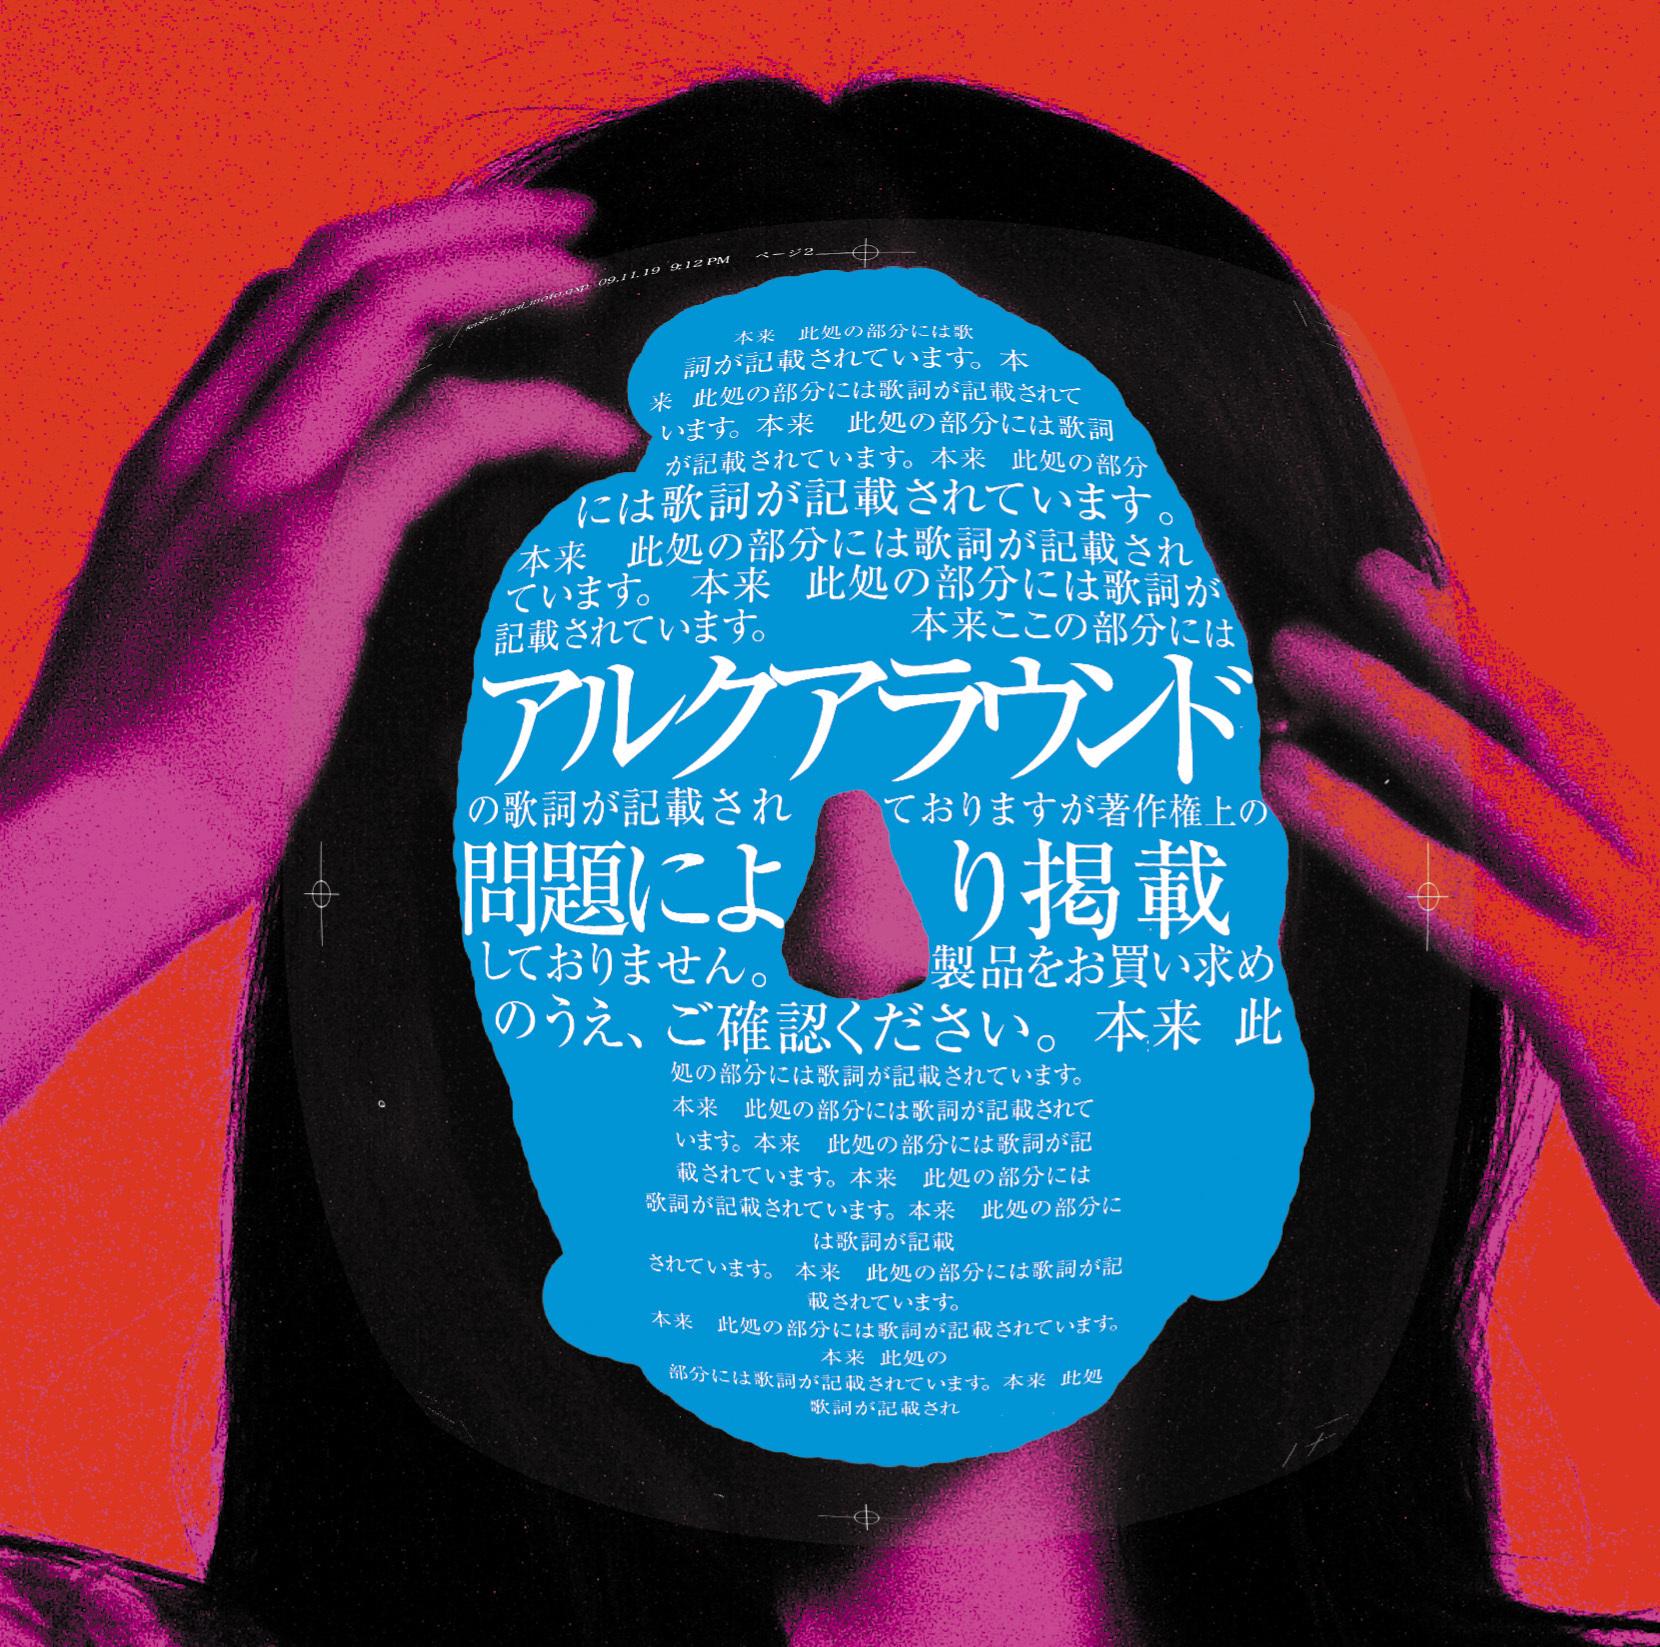 サカナクション 2ndシングル『アルクアラウンド』(初回限定盤) 高画質ジャケット画像 (ダミージャケット)